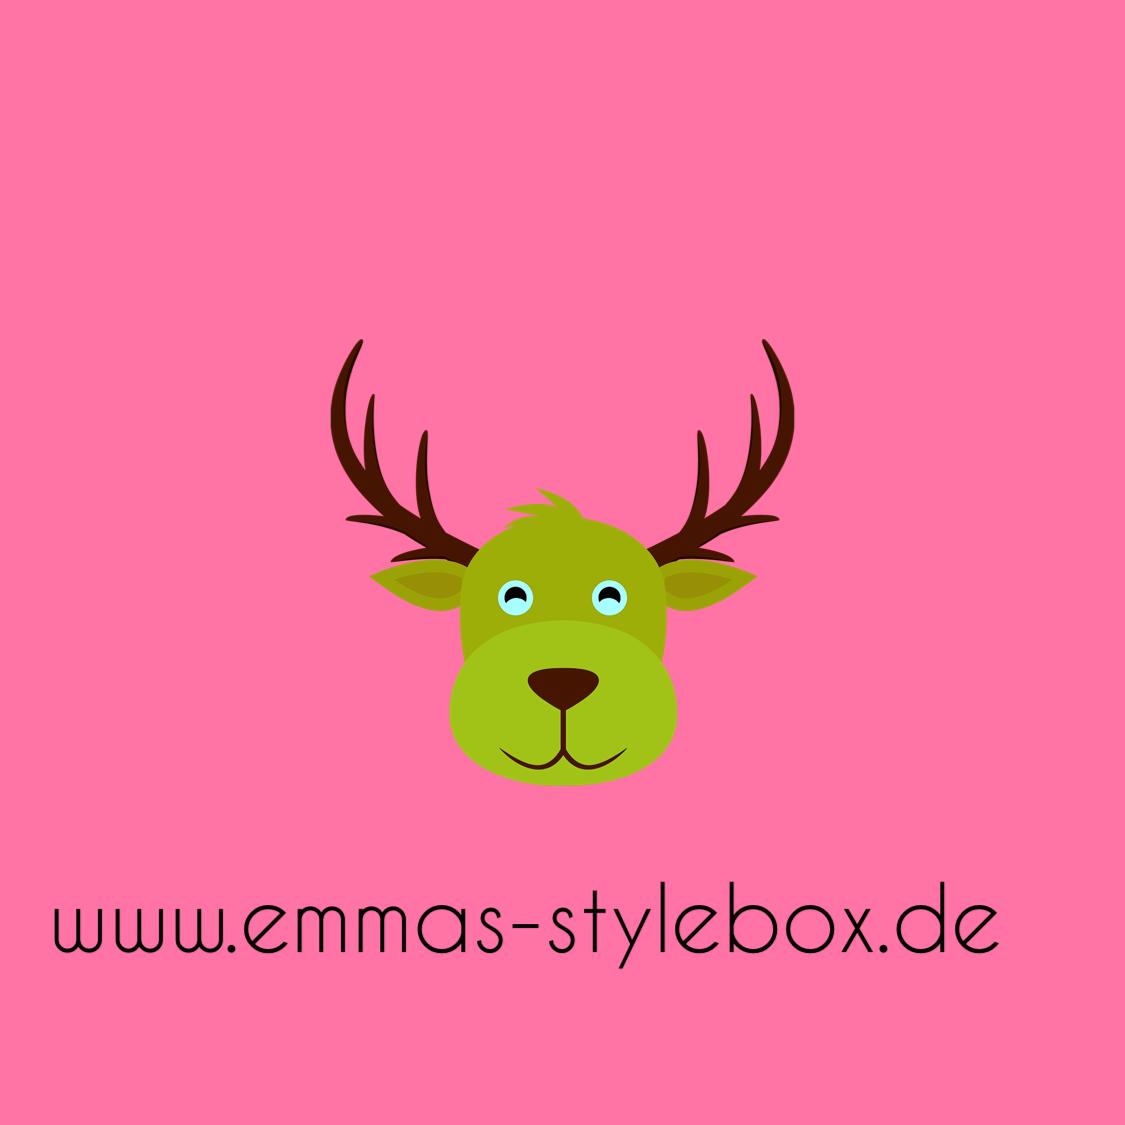 Emmas -Stylebox